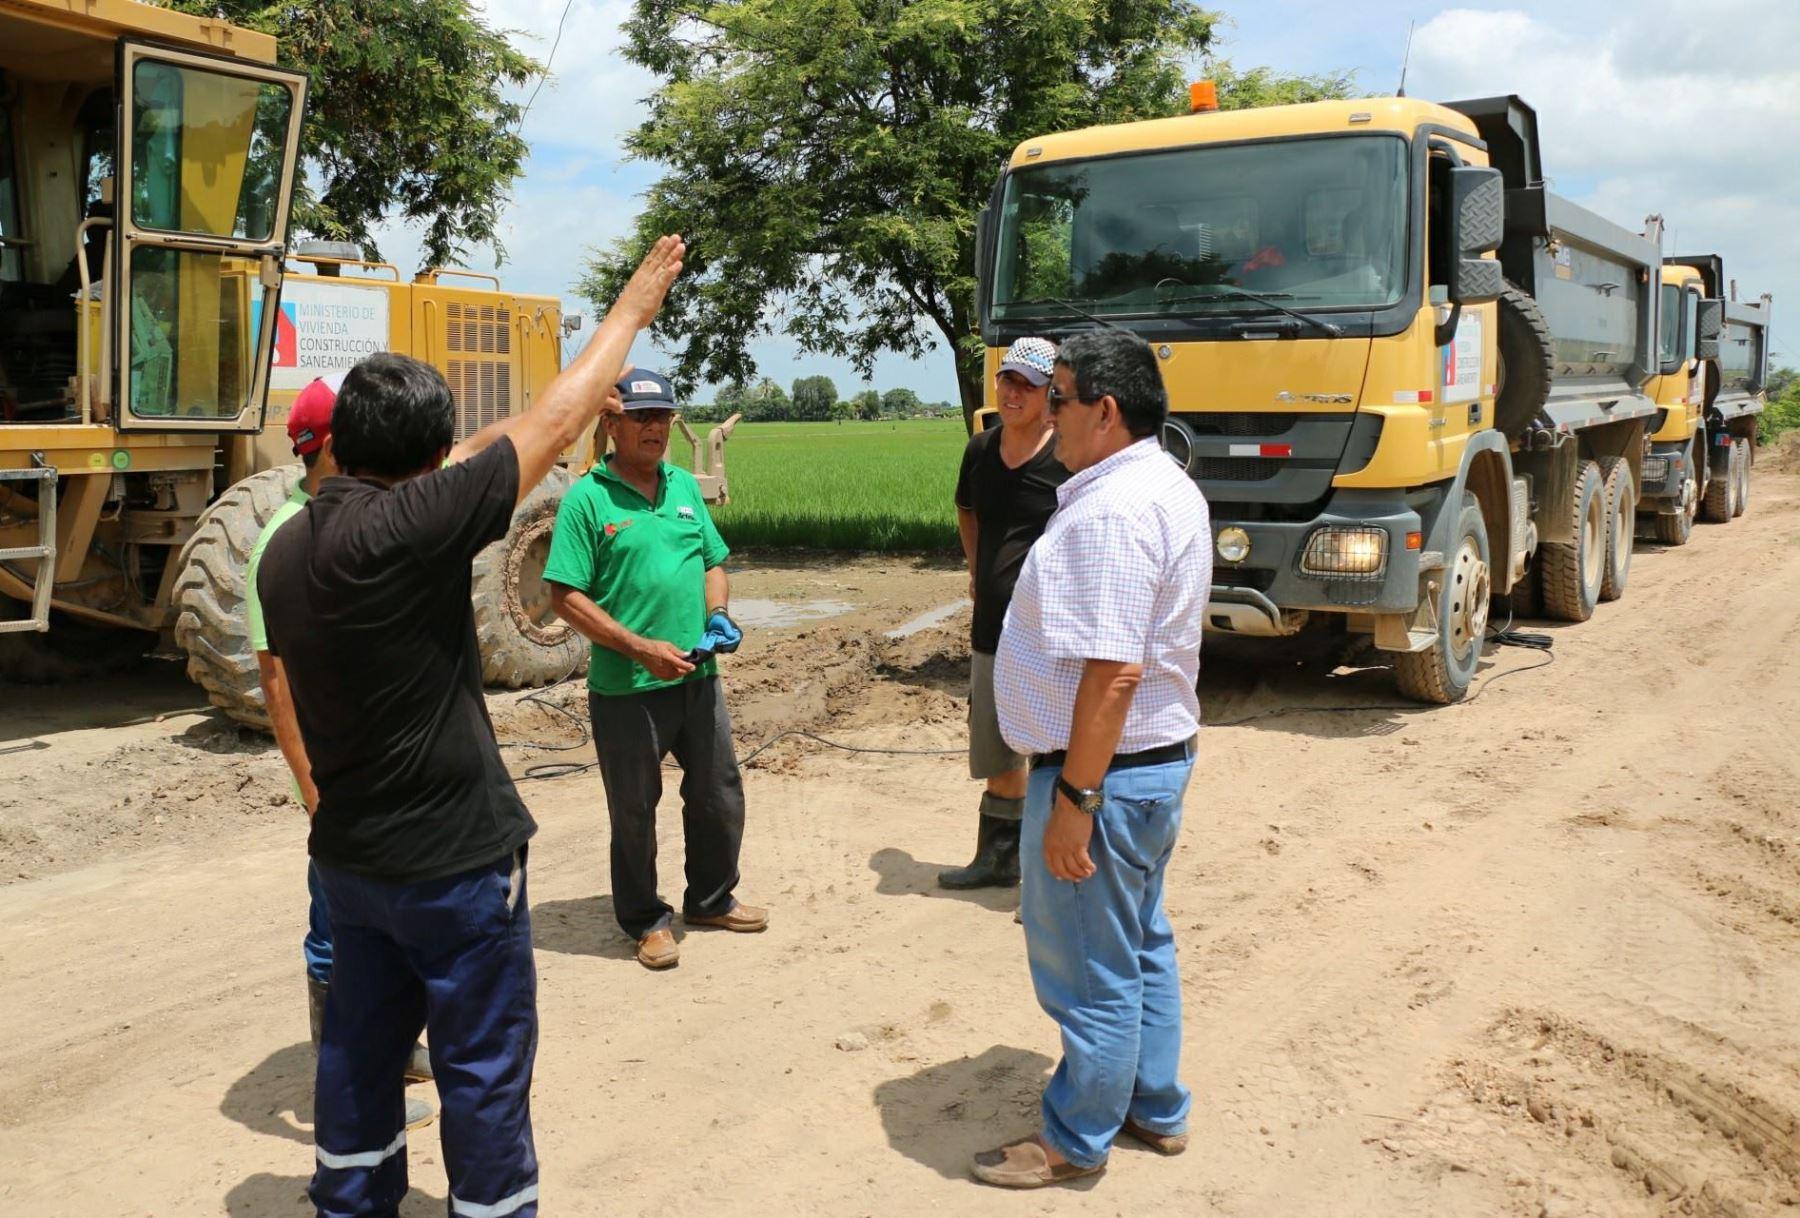 Habilitan vía alterna en kilómetro 75 de vía Huaraz-Pativilca tras colapso por lluvias. ANDINA